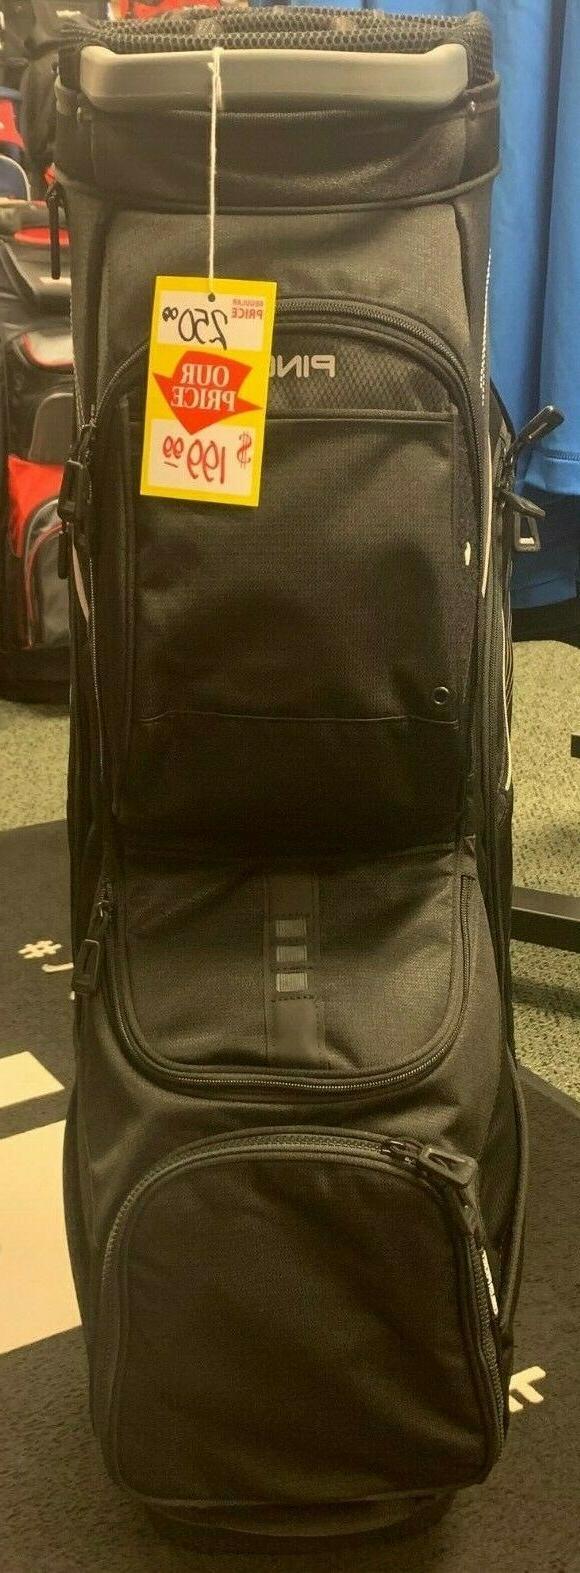 Ping Black Bag